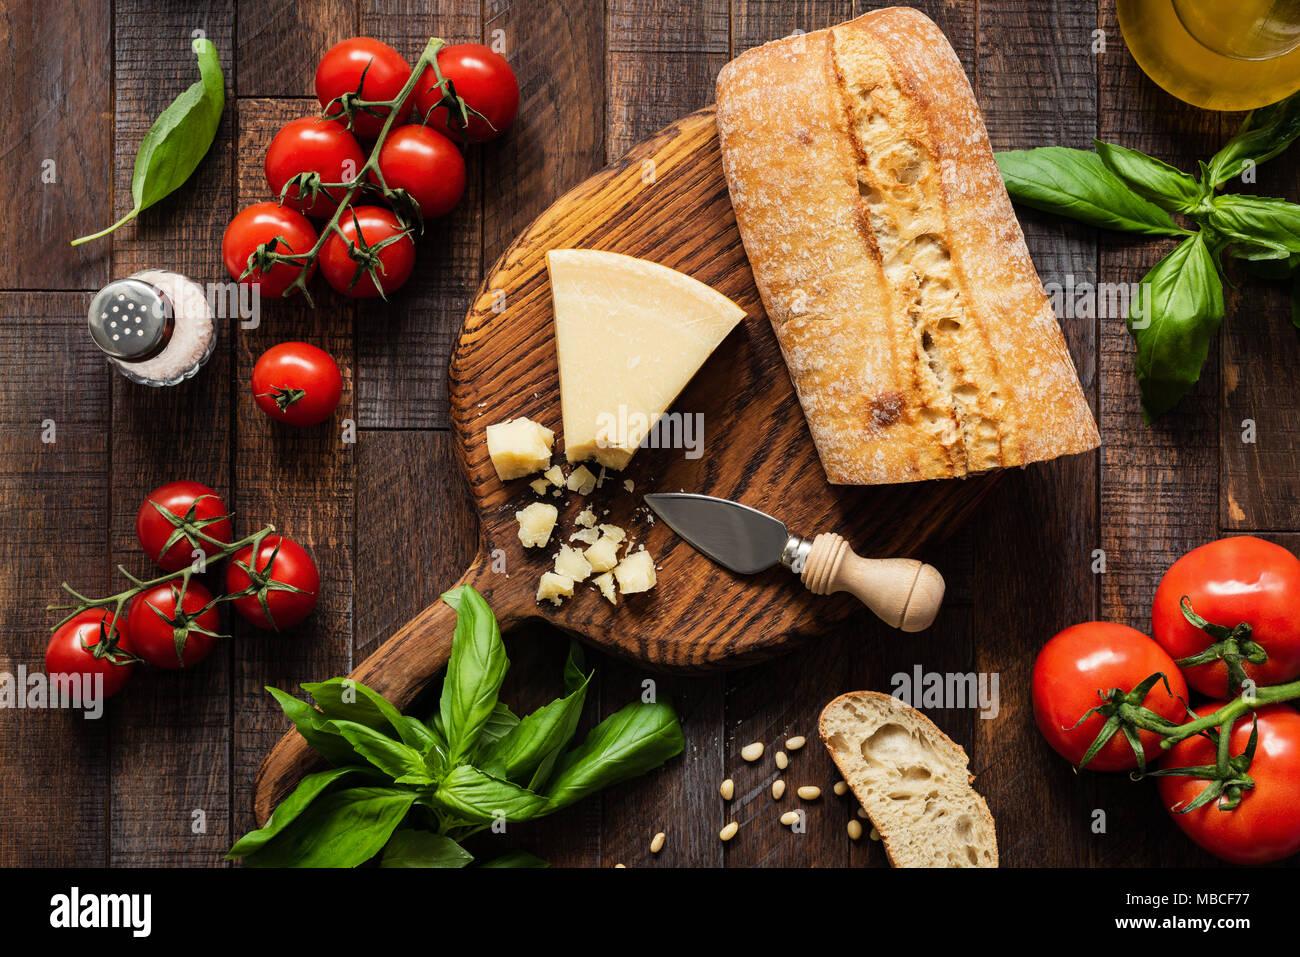 Italienisches Essen Parmesan, Ciabatta Brot, Bruschetta, Tomaten und Basilikum auf rustikalem Holz Hintergrund. Ansicht von oben Stockbild